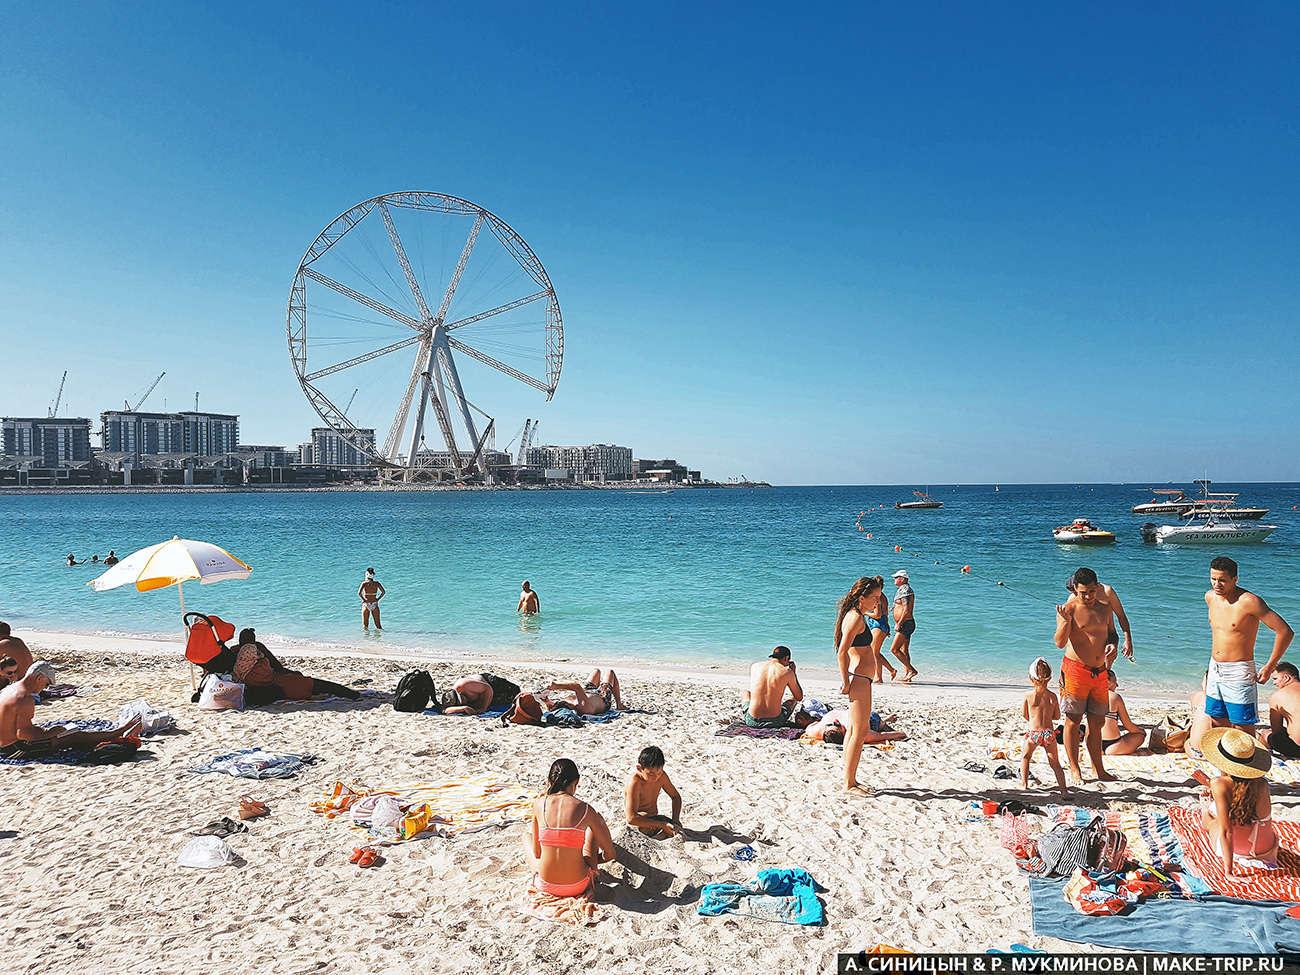 Где лучше пляжный отдых оаэ